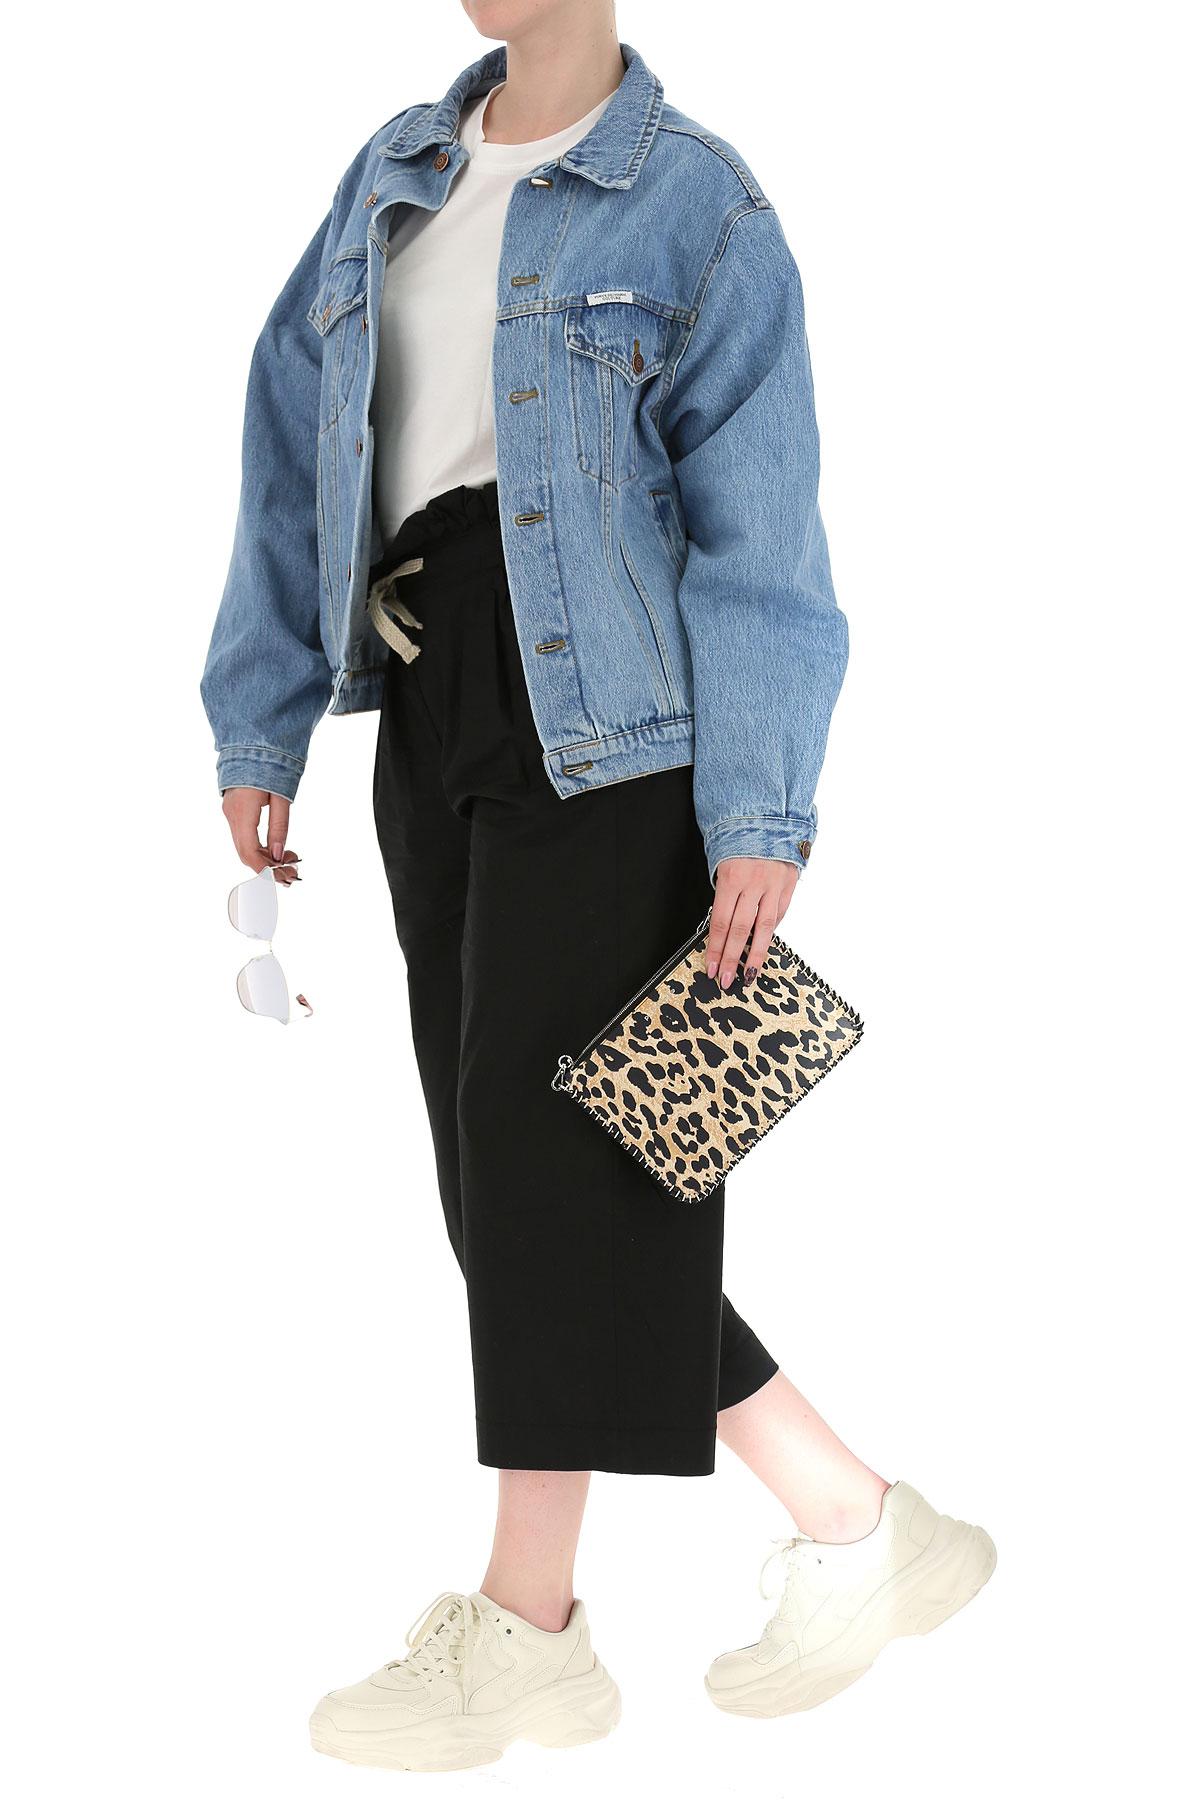 Mujer Couture Azul Para Orte Marmi Vaquero Ropa nbsp; Primavera 2019 Dei verano Ex4EqX